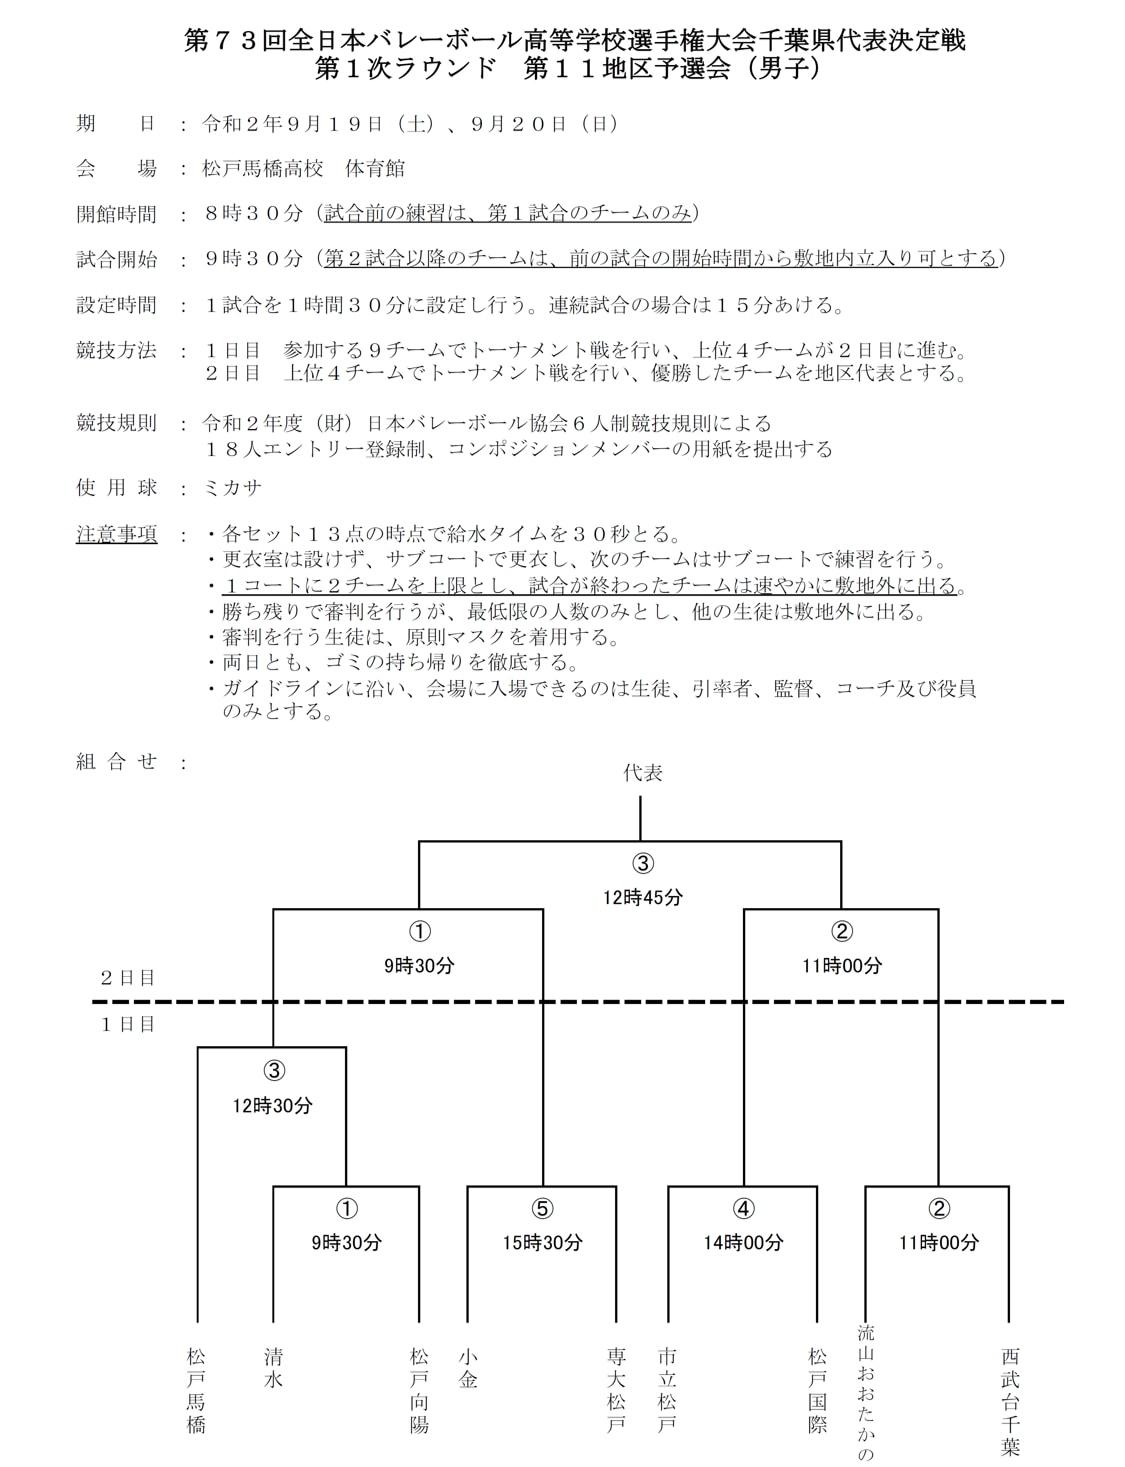 2021春高_千葉予選_1次ラウンド_第11地区_男子_組合せ